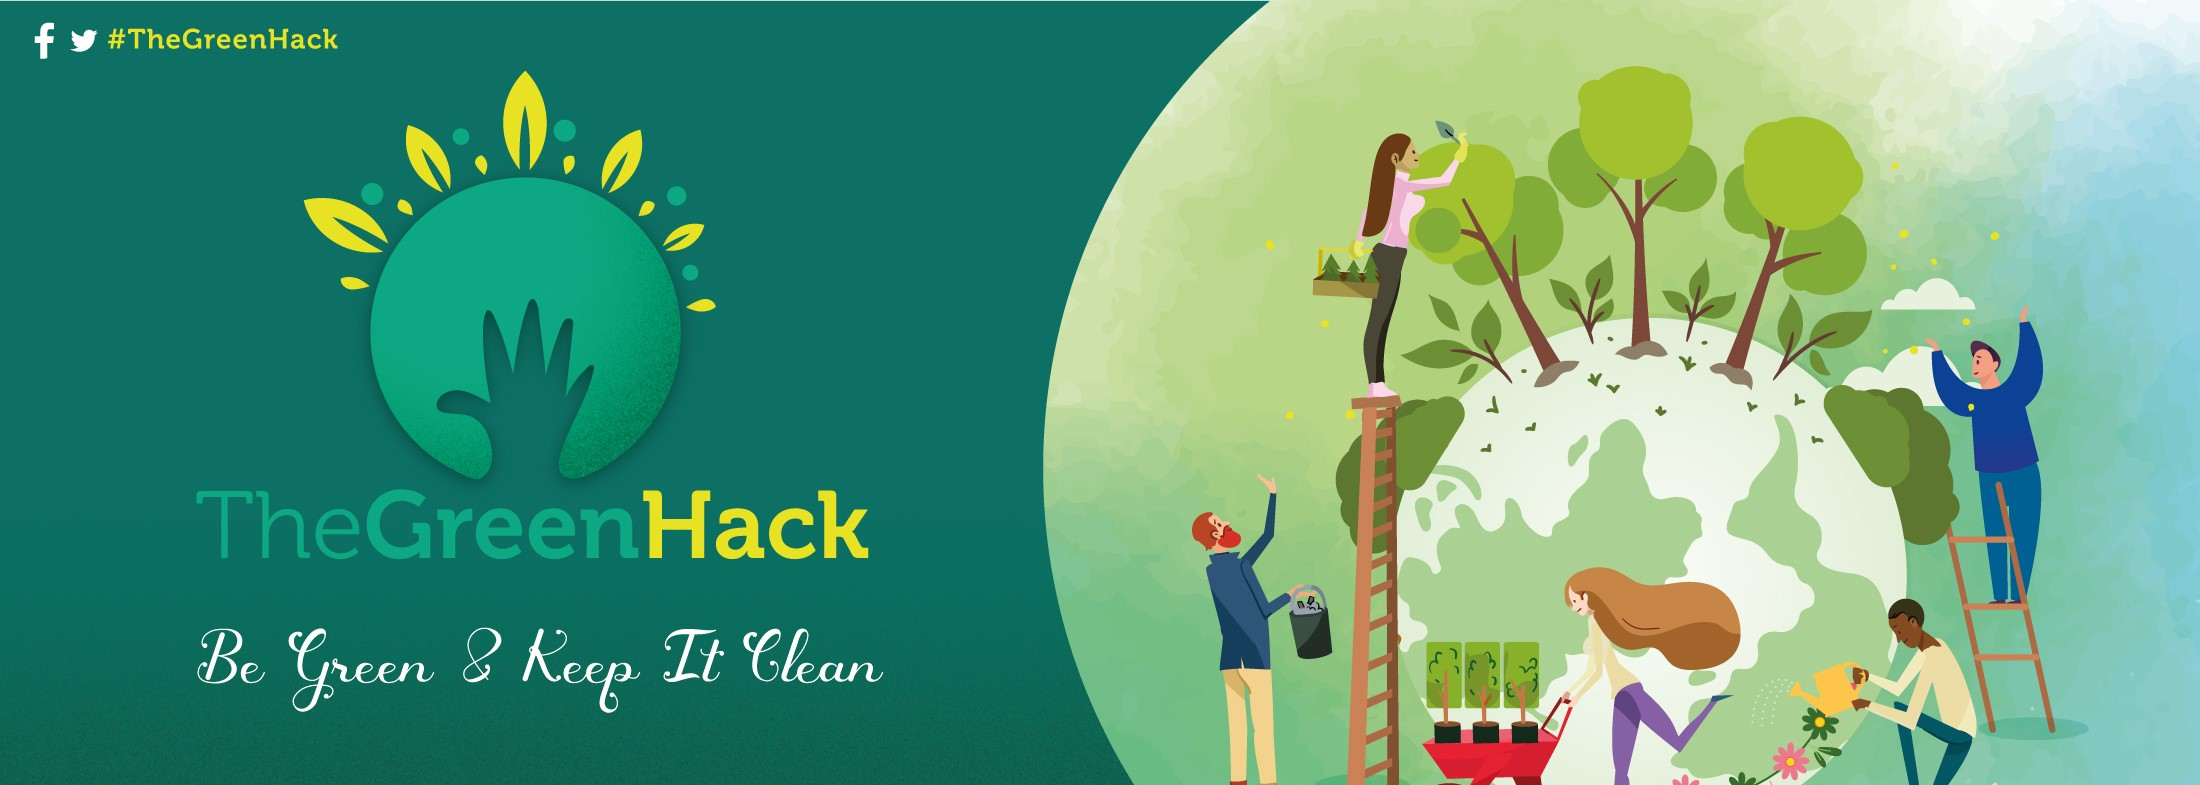 صورة The GreenHack التحدي الافتراضي لمكافحة رمي النفايات في الأماكن الطبيعية والحضرية